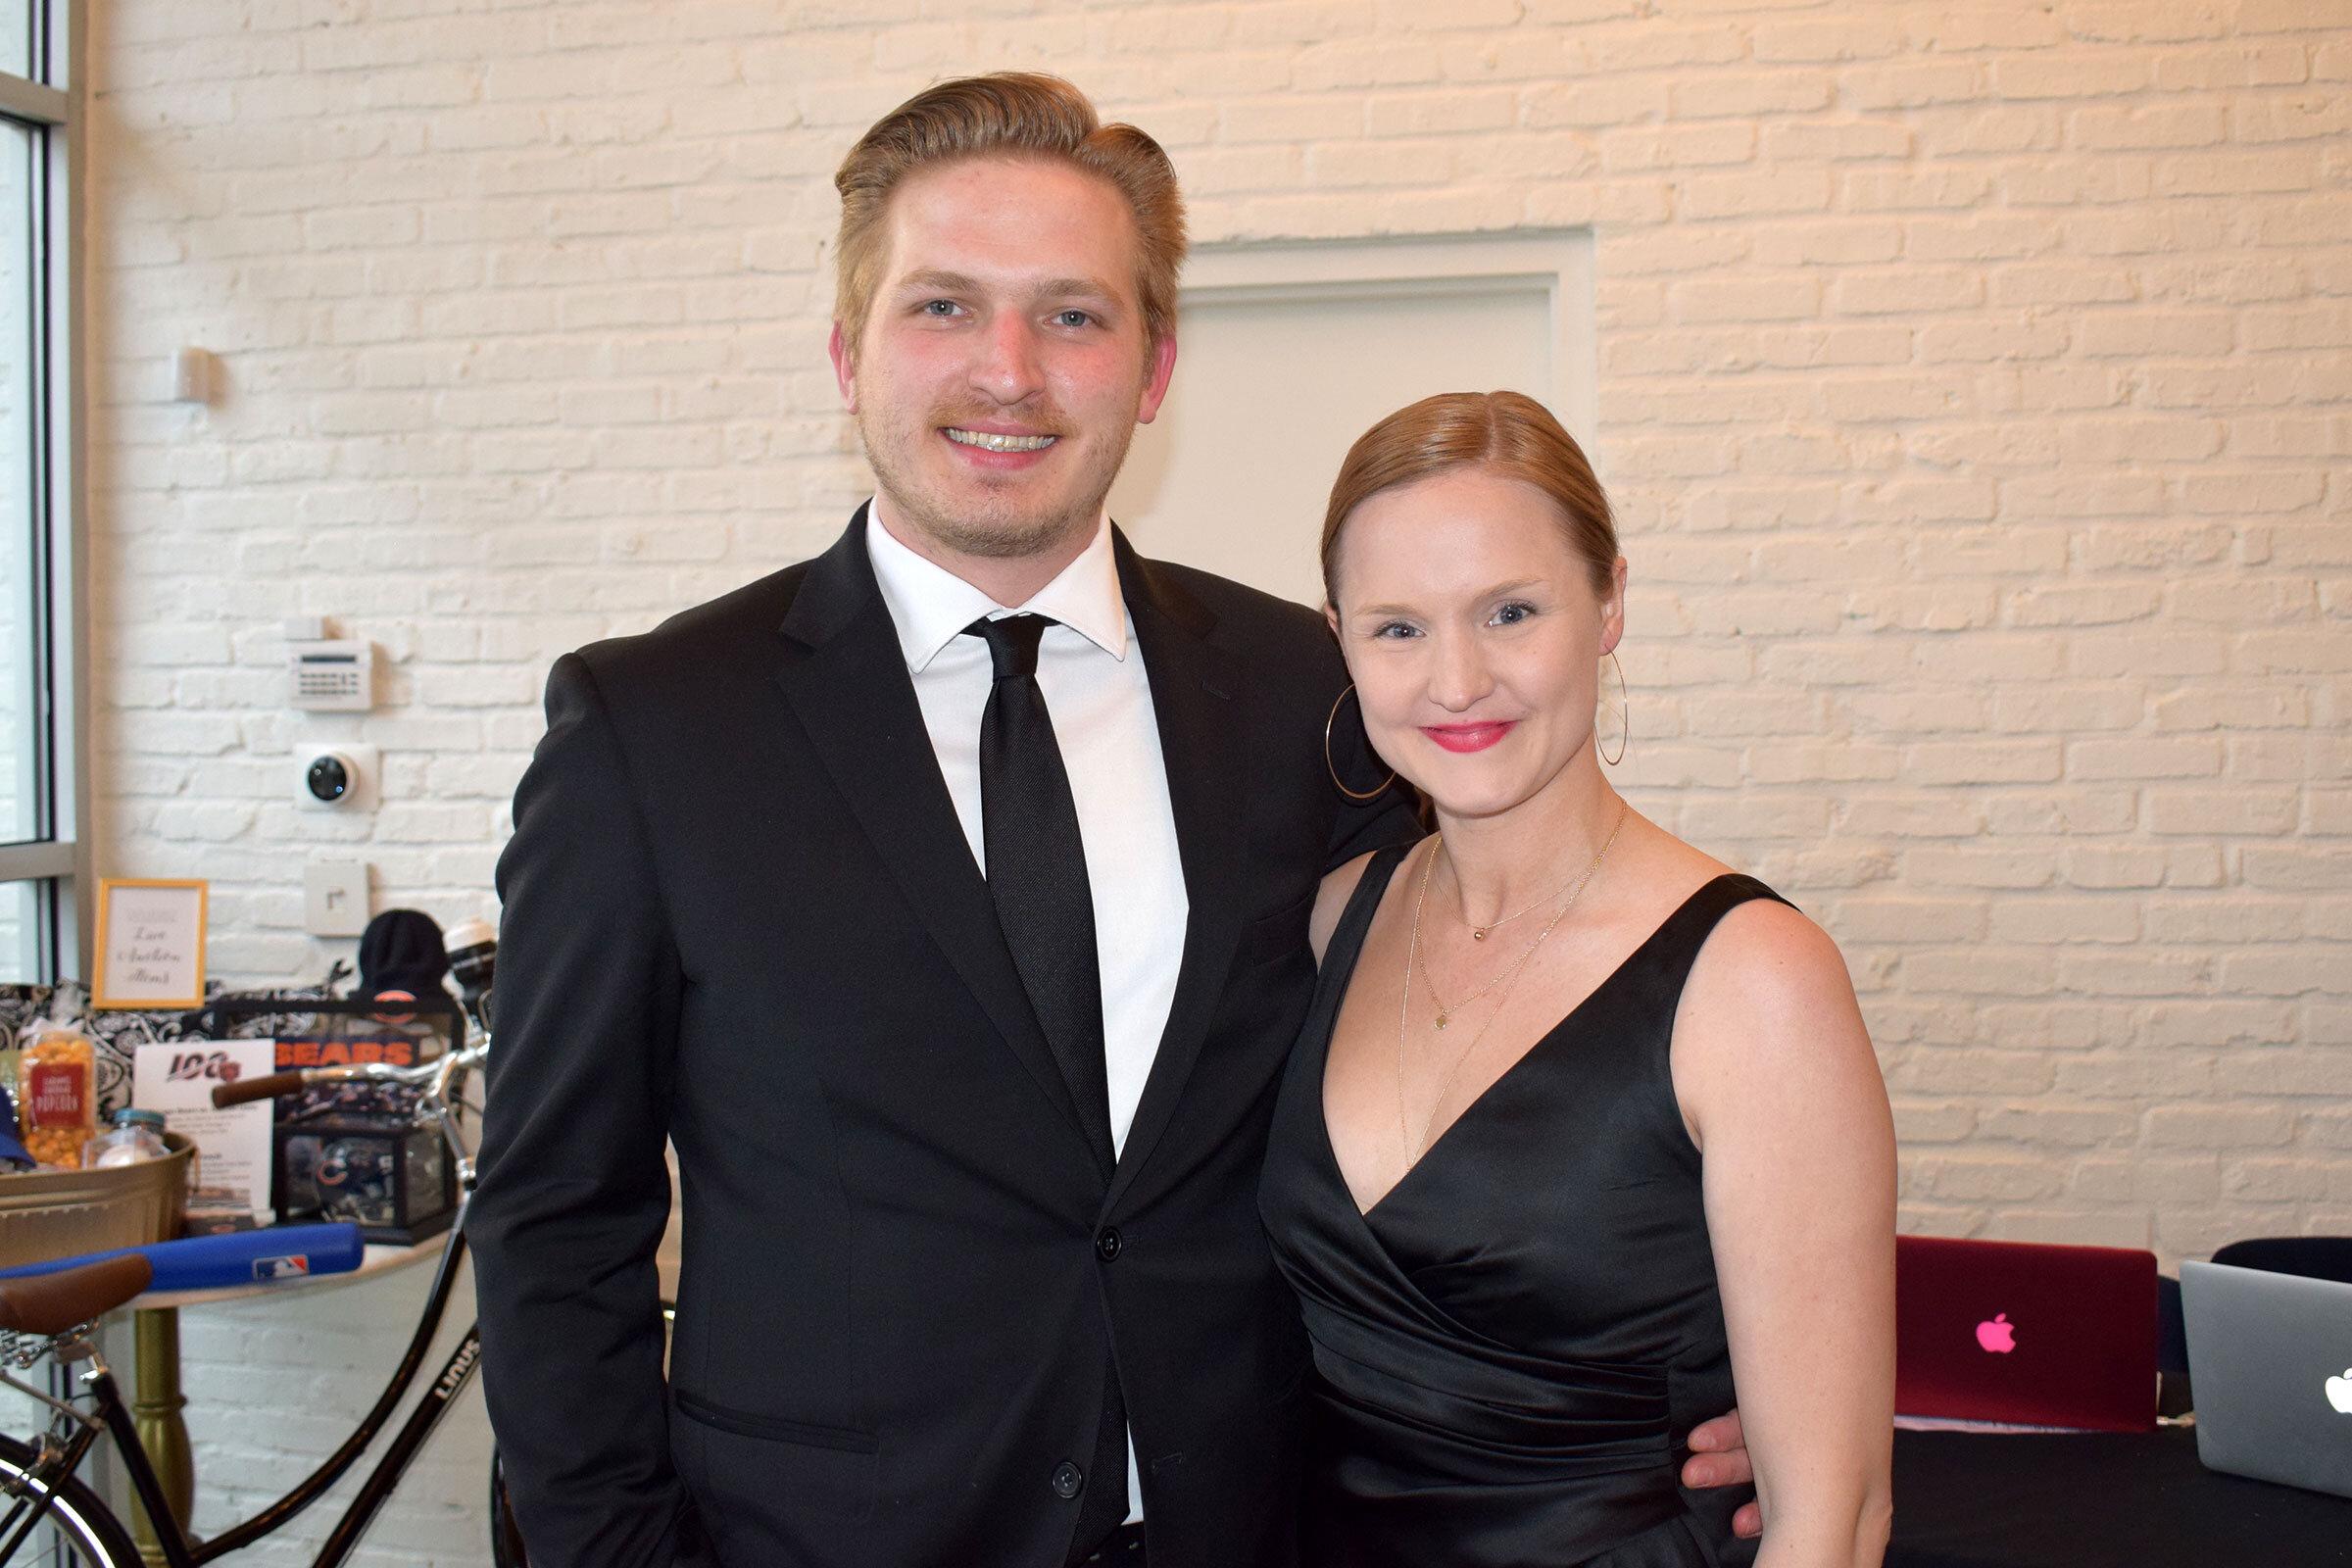 Jonathon Armour & Caitlin Hargett